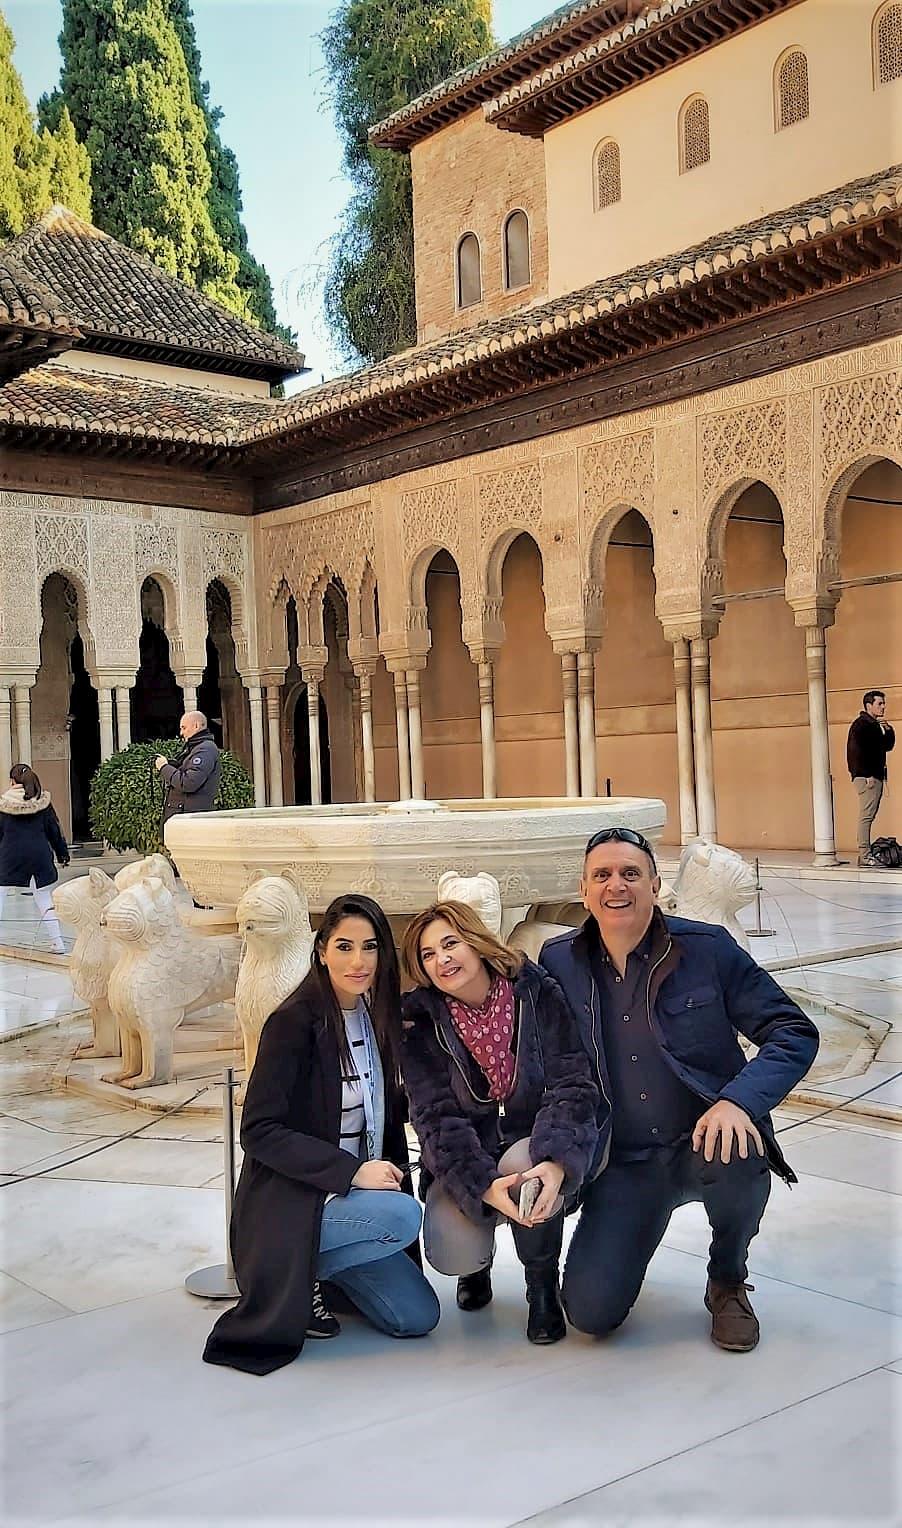 Visita privada a la Alhambra de Granada